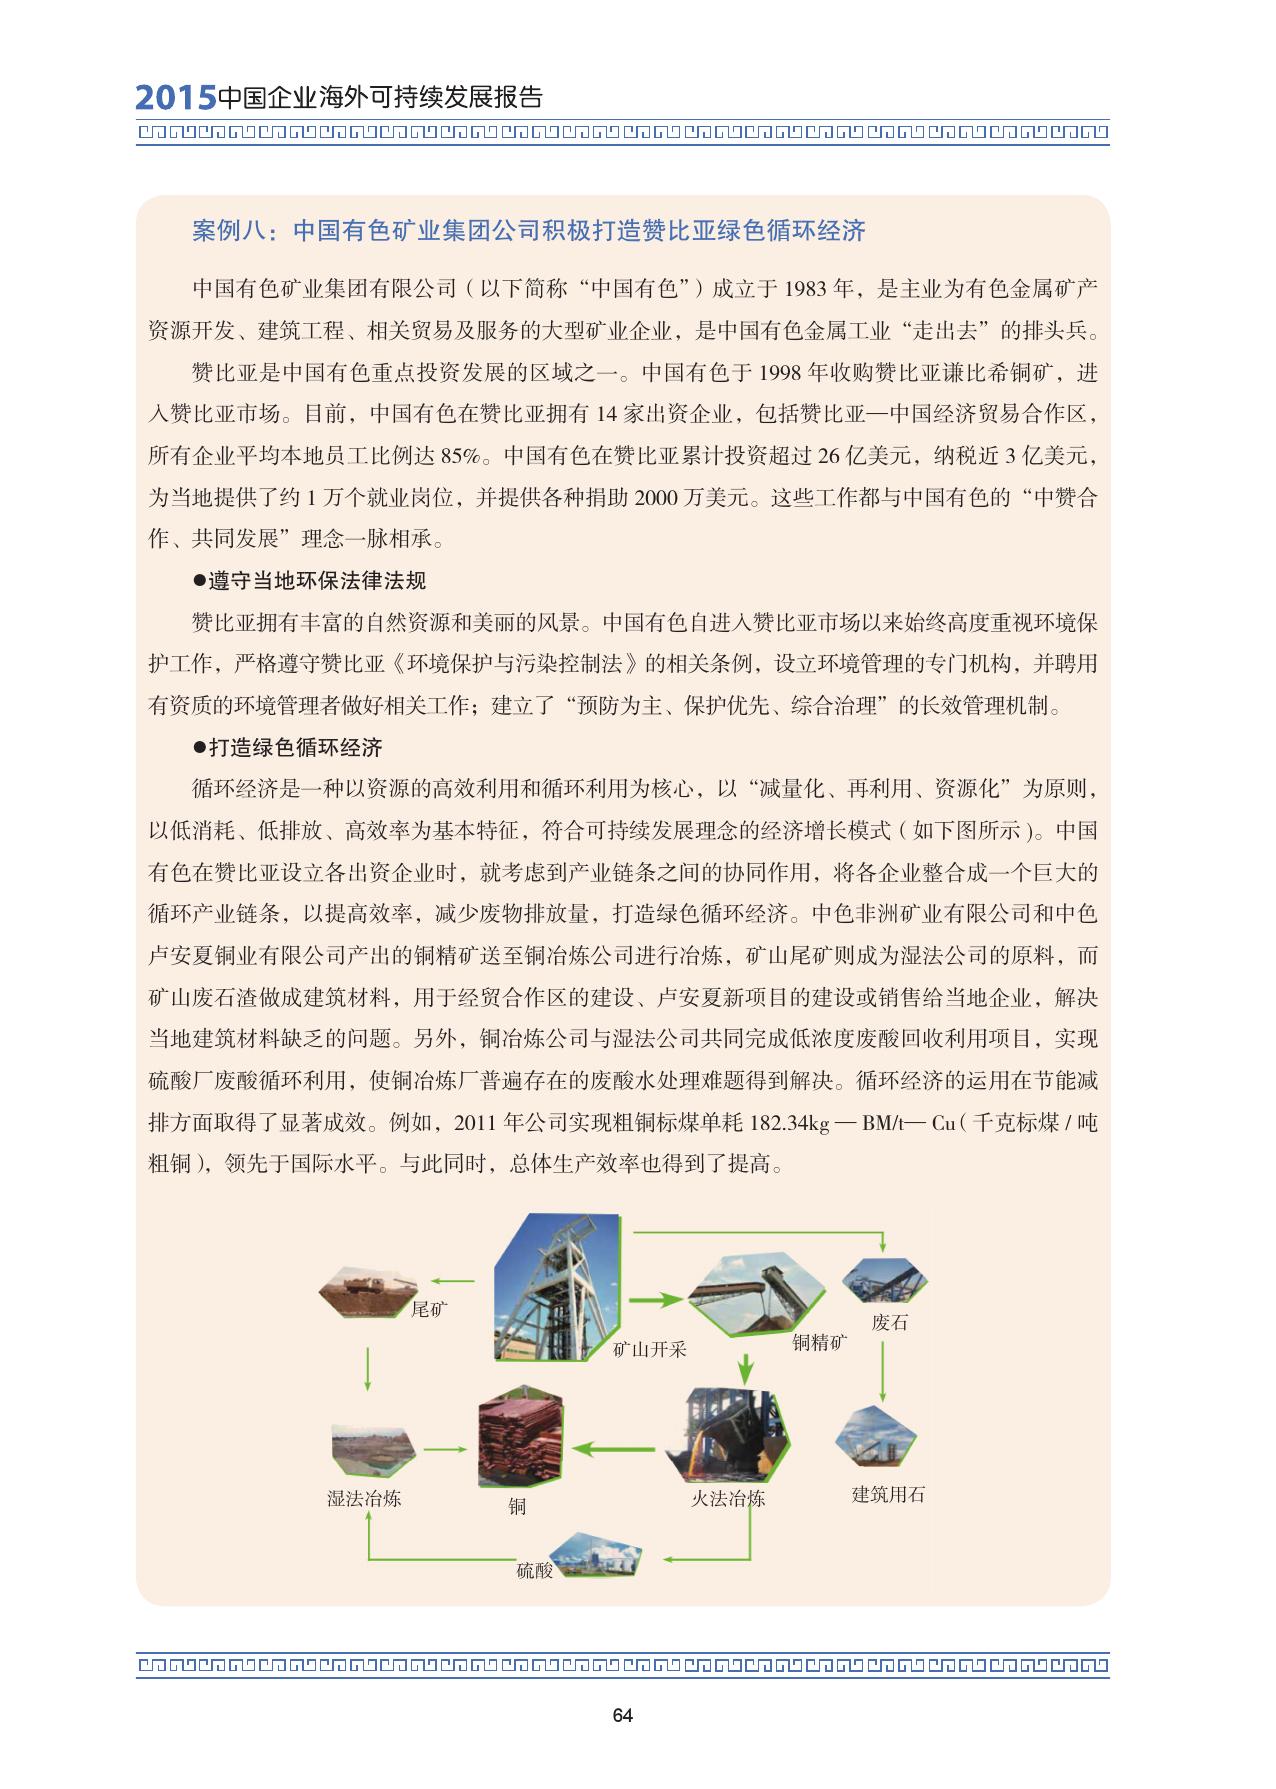 2015中国企业海外可持续发展报告_000078